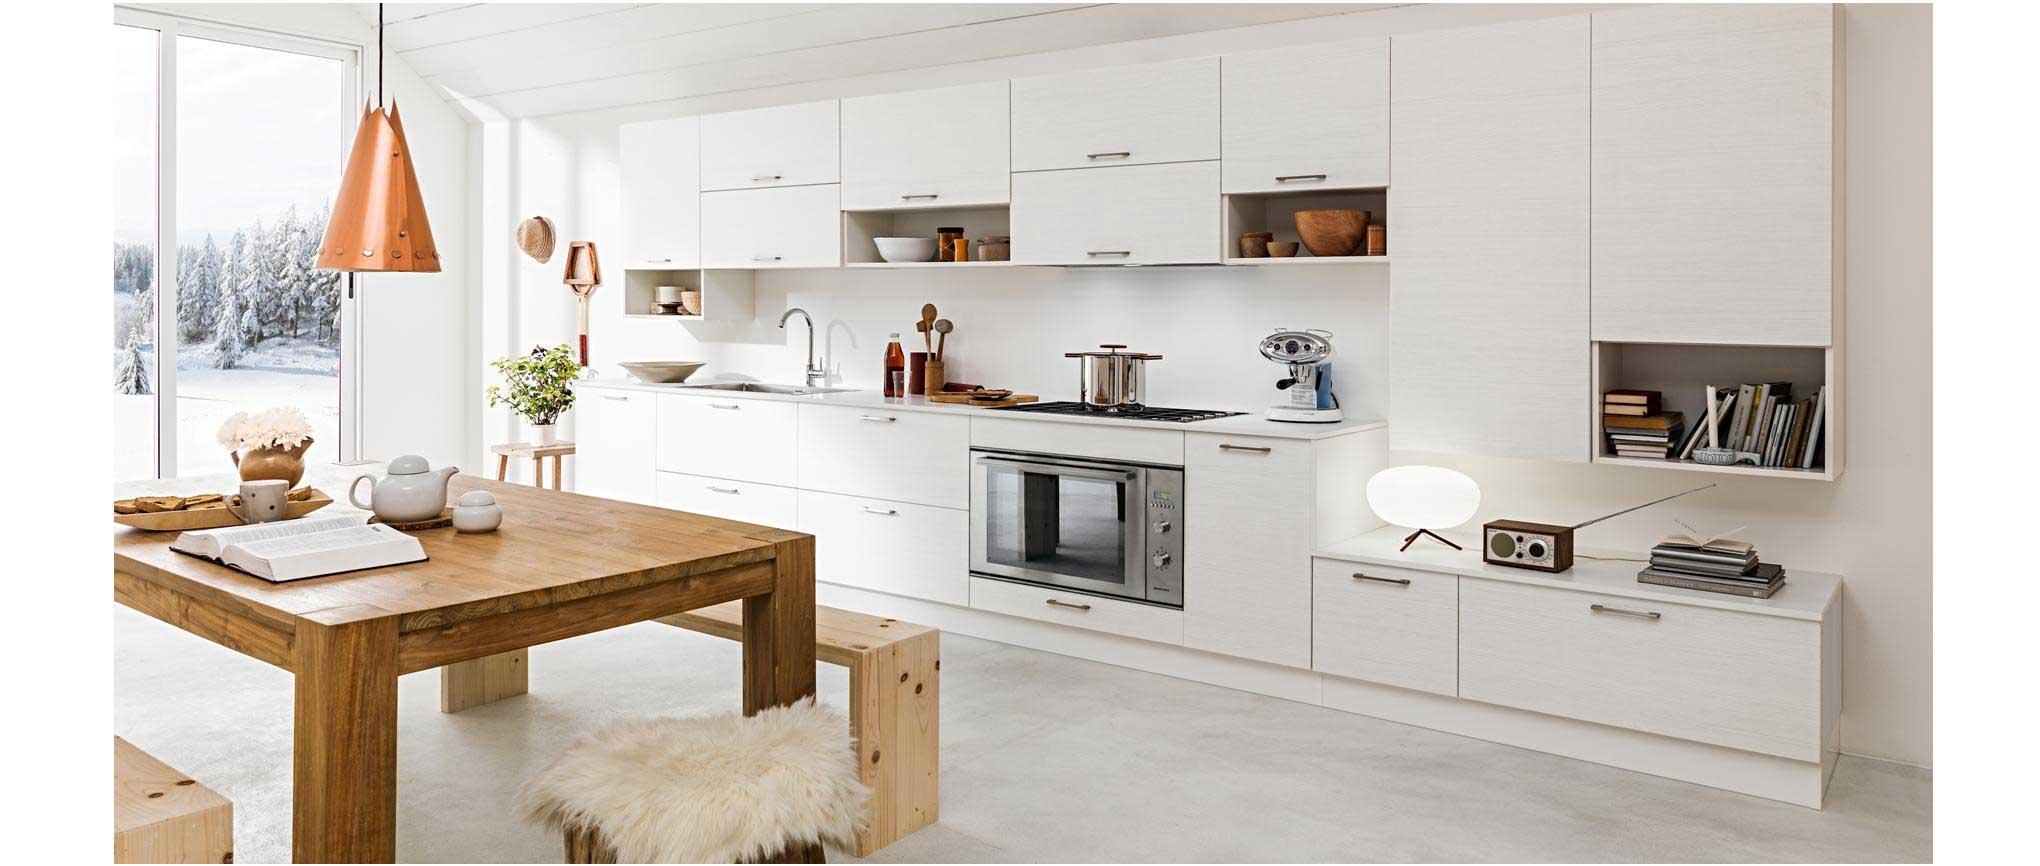 De style et d'inspiration nordique cette cuisine en mélèze blanchis s'adapte à tous les âges et modes de vies.